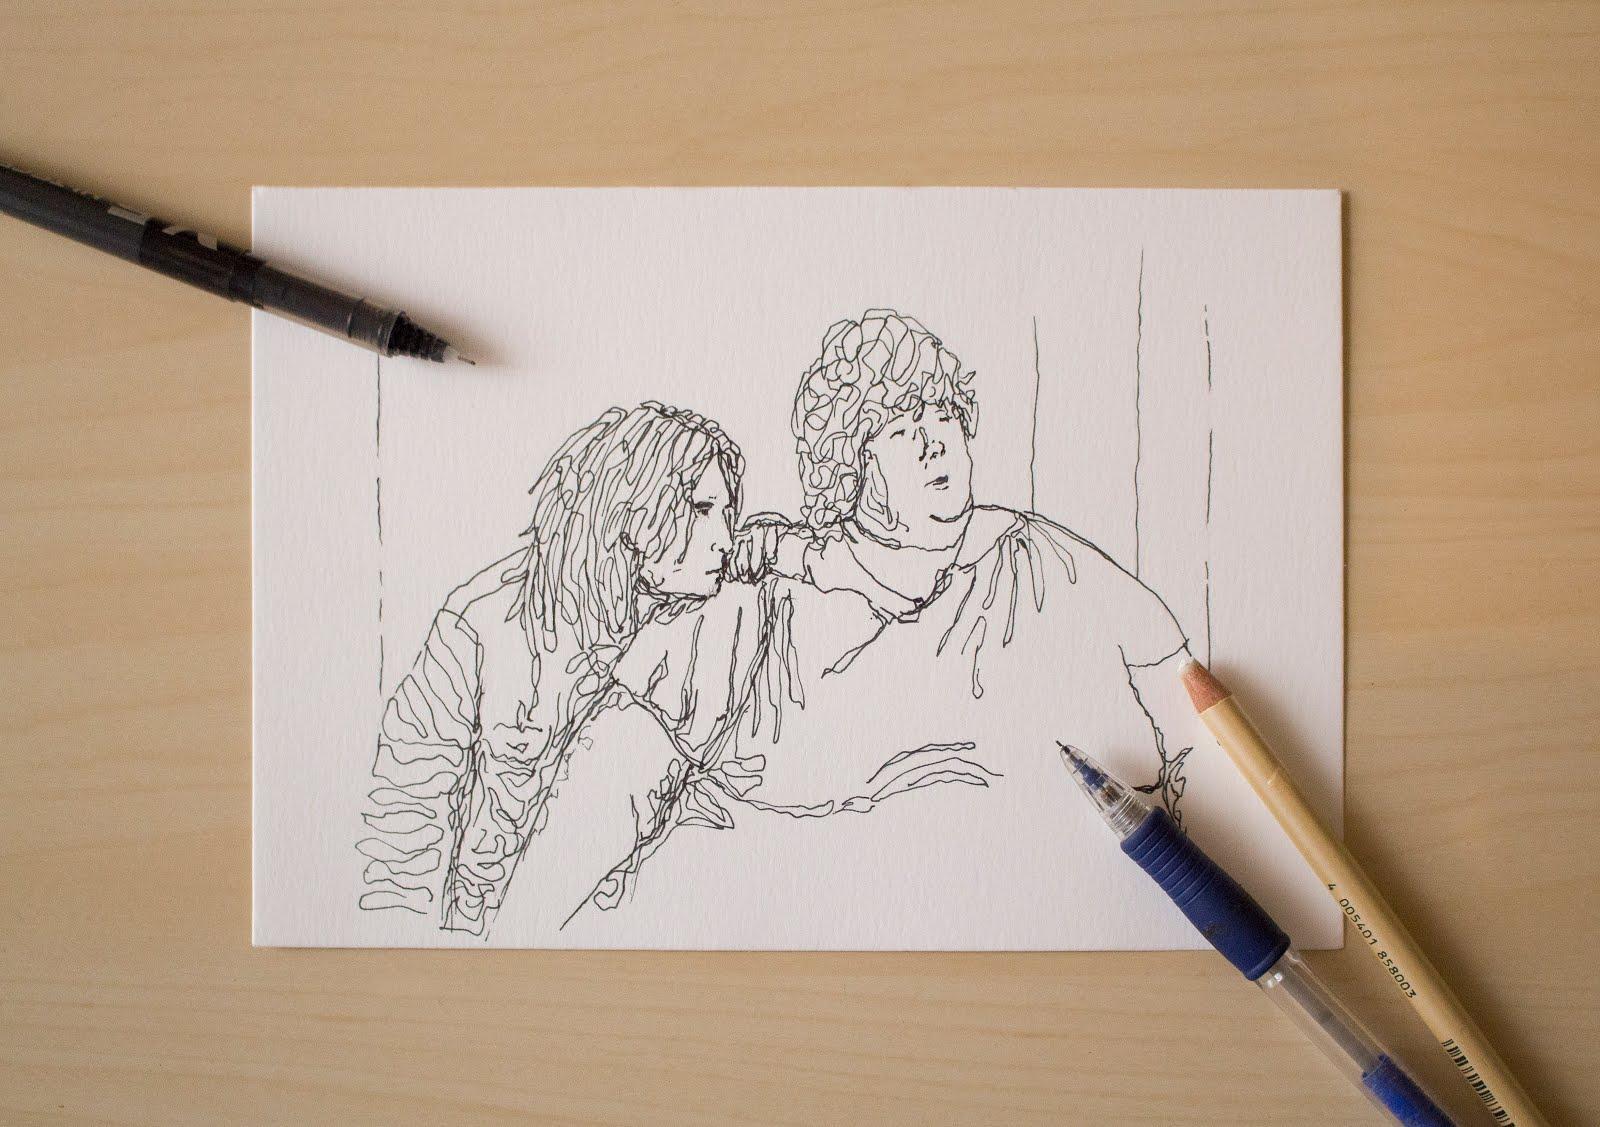 Ilustración creada por Pelayo Rodríguez sobre ¿A quién ama Gilbert Grape?